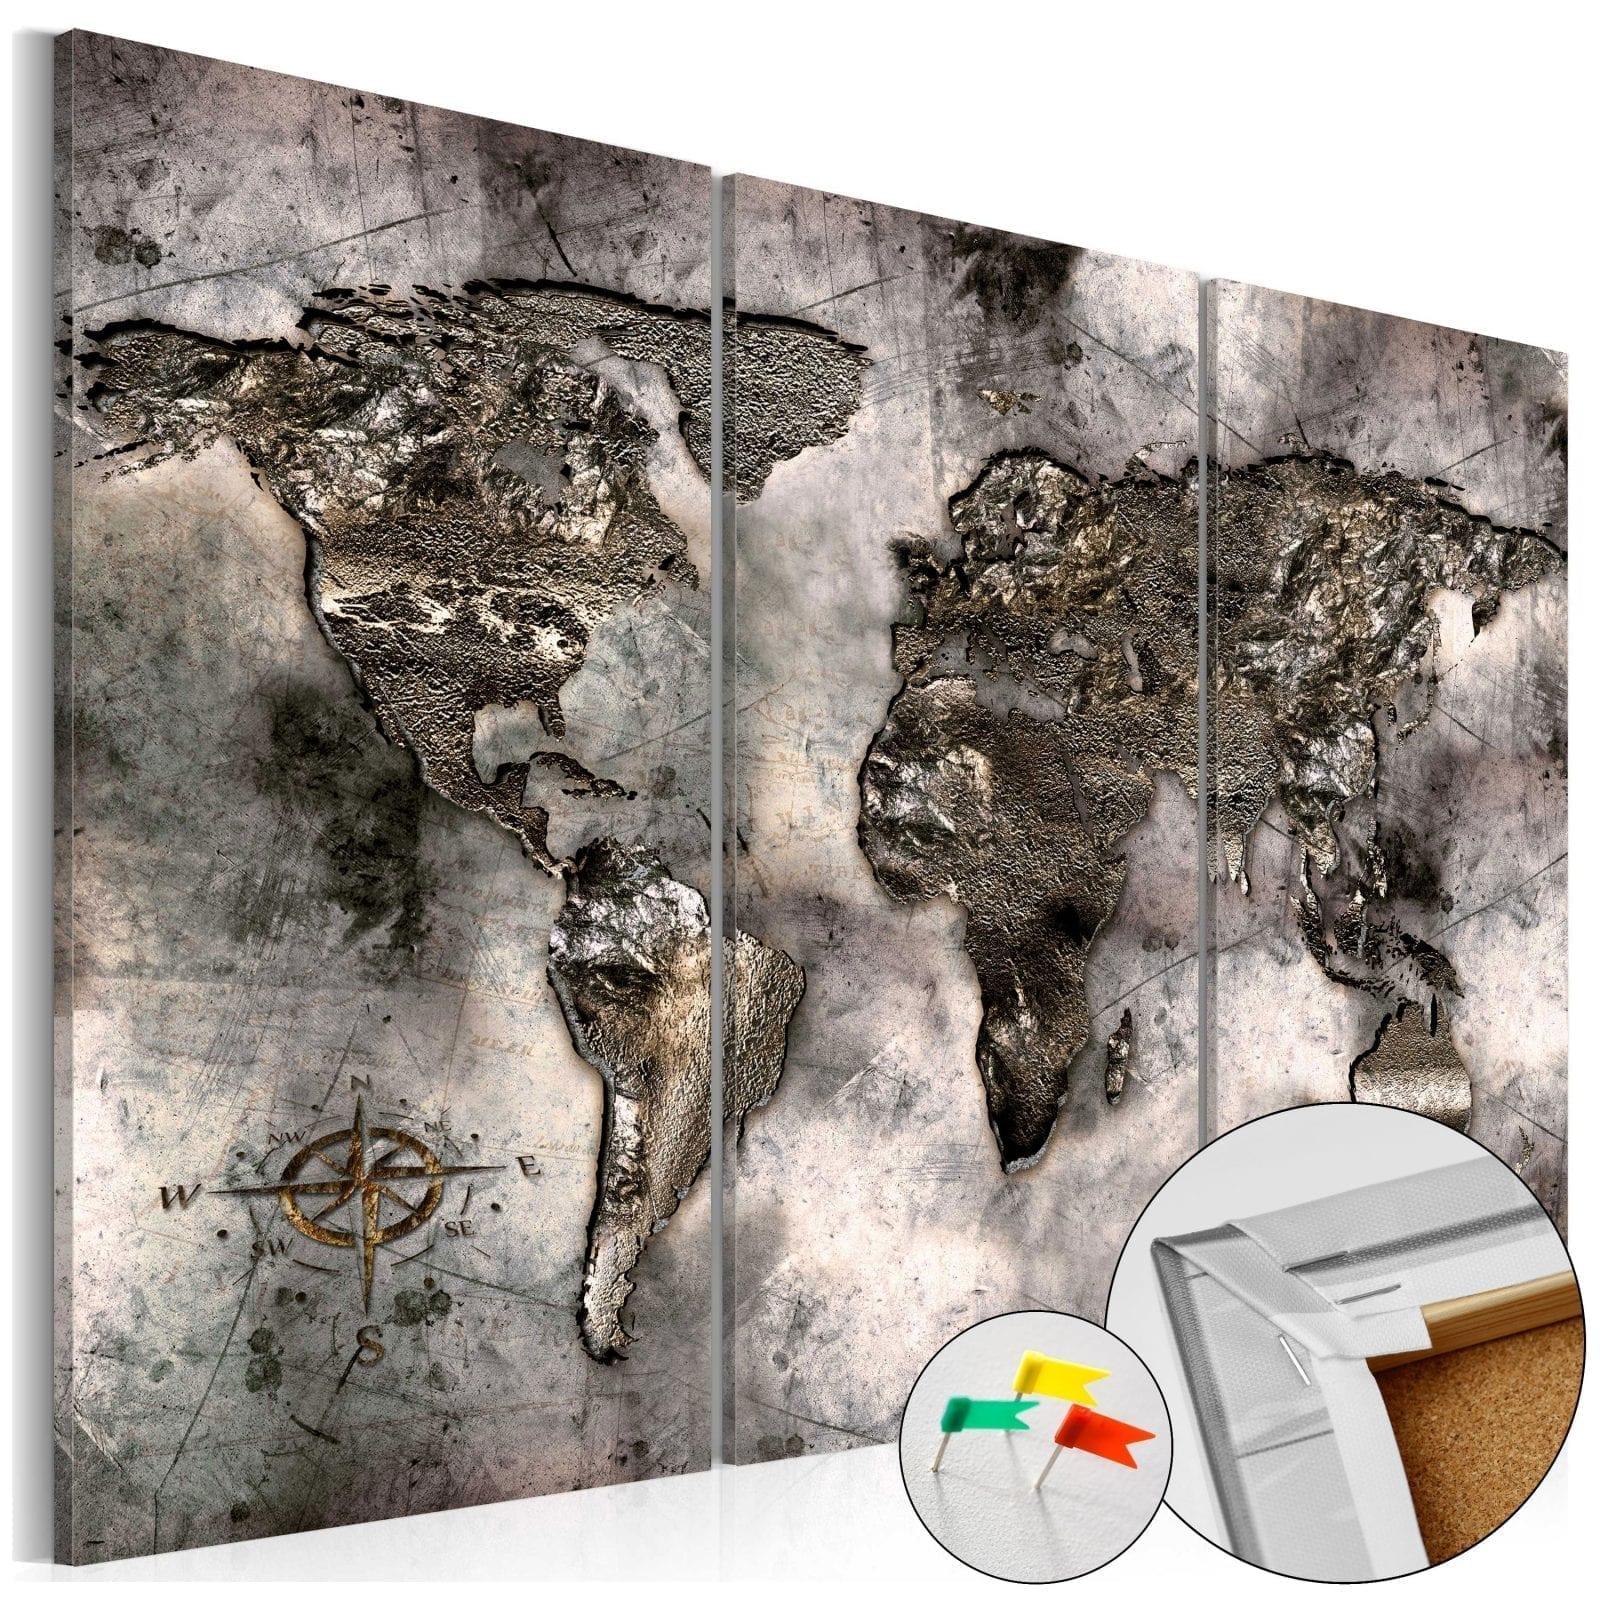 Tablero de corcho - Opalescent Map 1   Potspintura.com